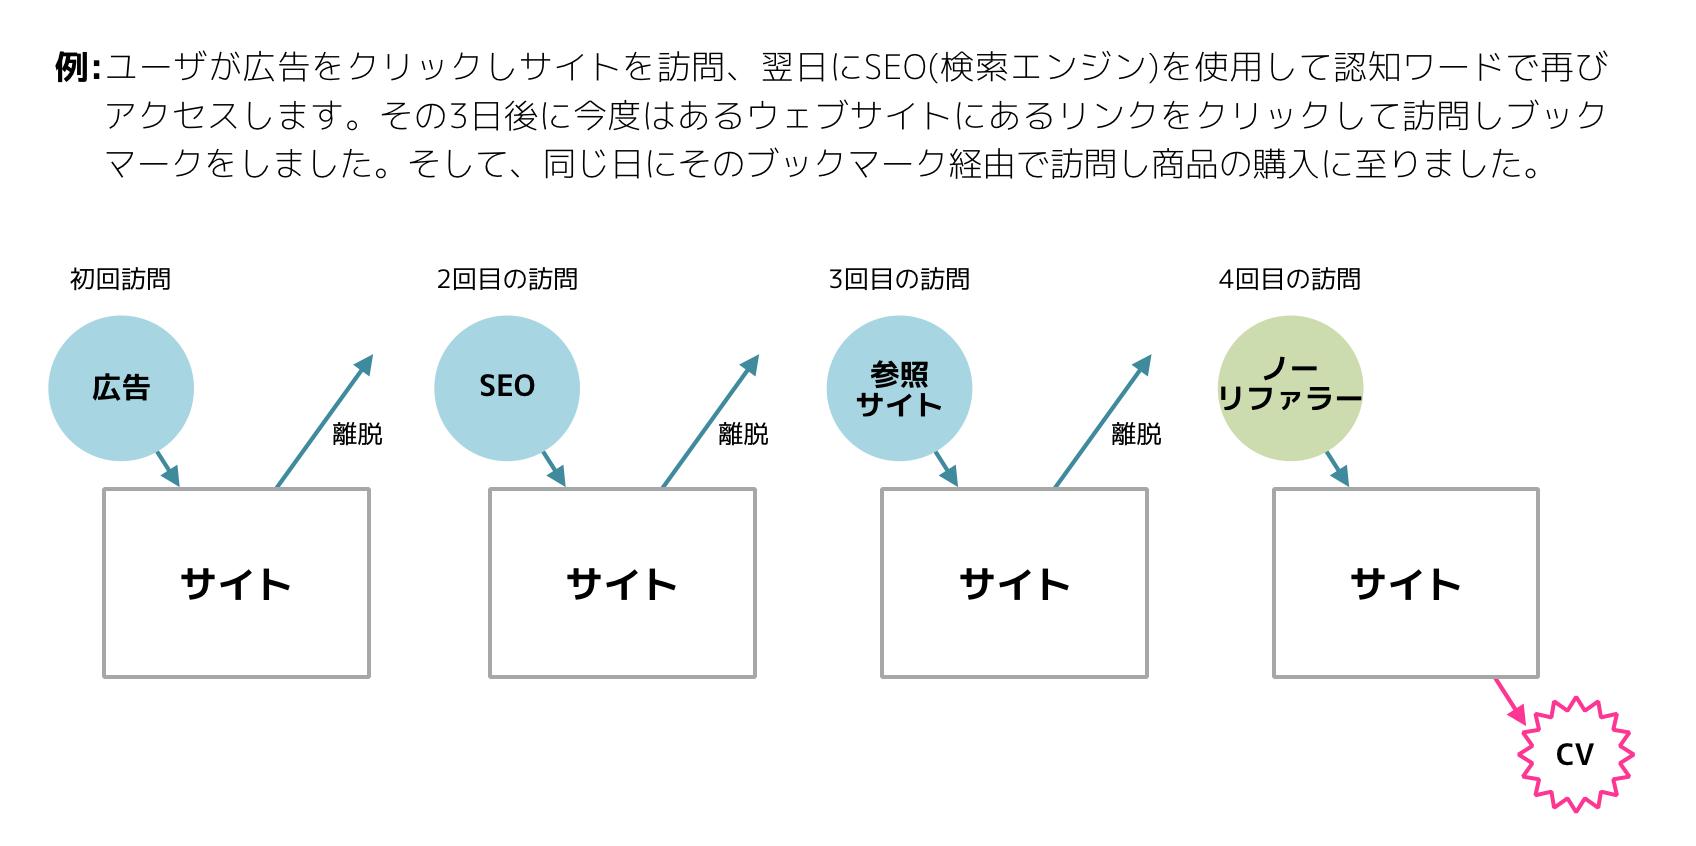 アトリビューションモデル比較ツール解説